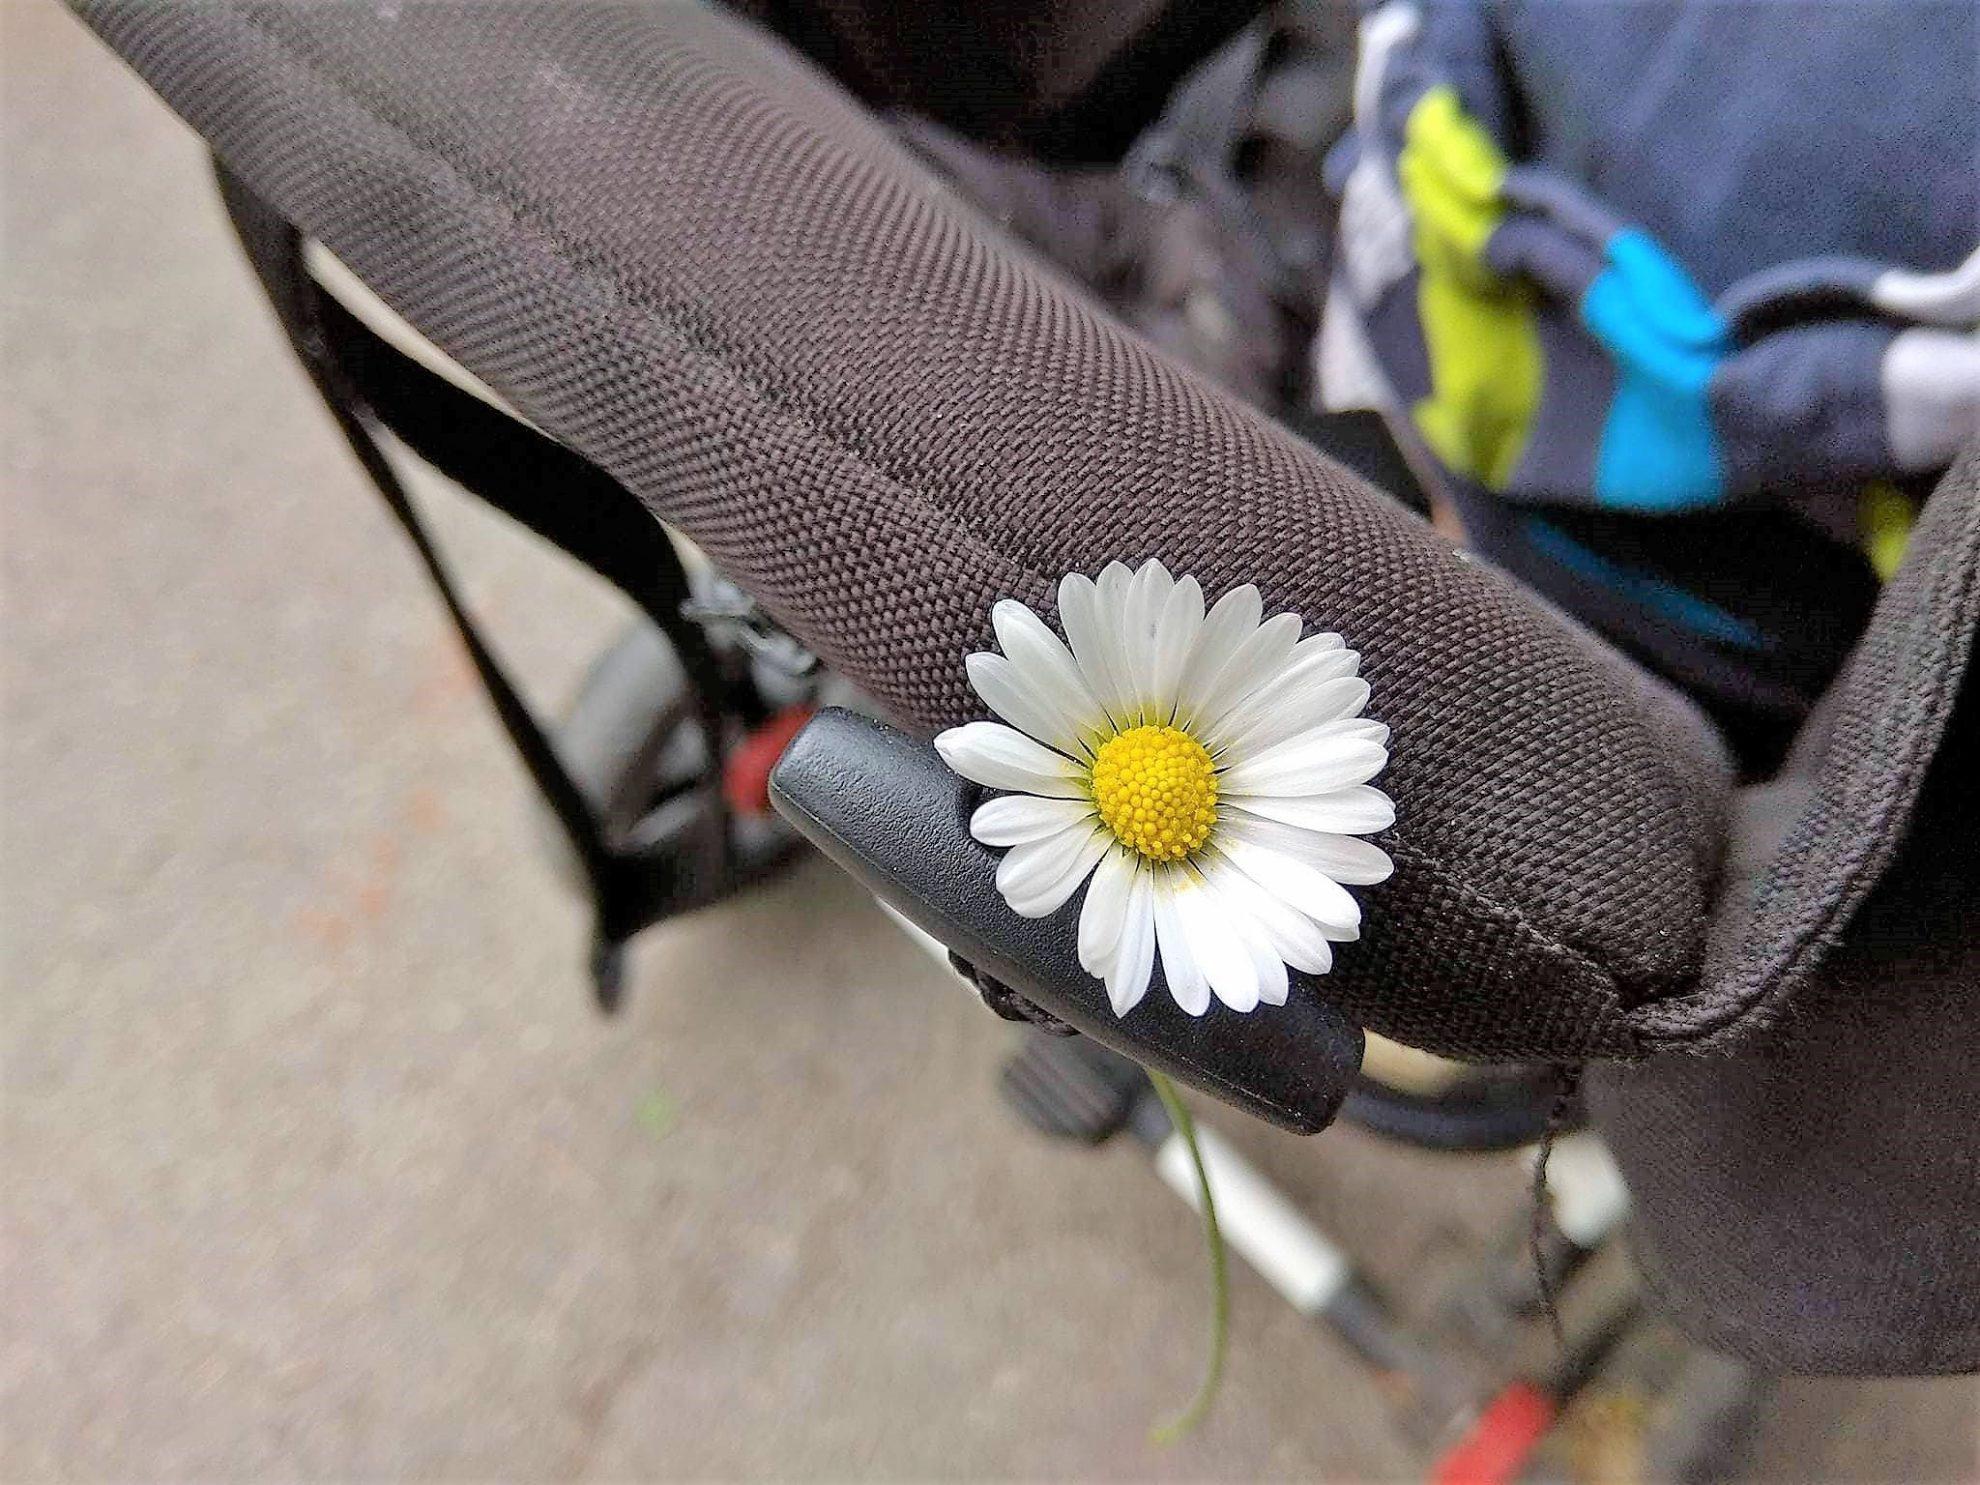 Das 12 von 12 im Mai 2018 bei Julie von Puddingklecks findet im Barfußpark Bad Wörishofen statt und zeigt ihre Liebe zur Natur. Ein Einblick in das Leben als Gr0ßfamilie